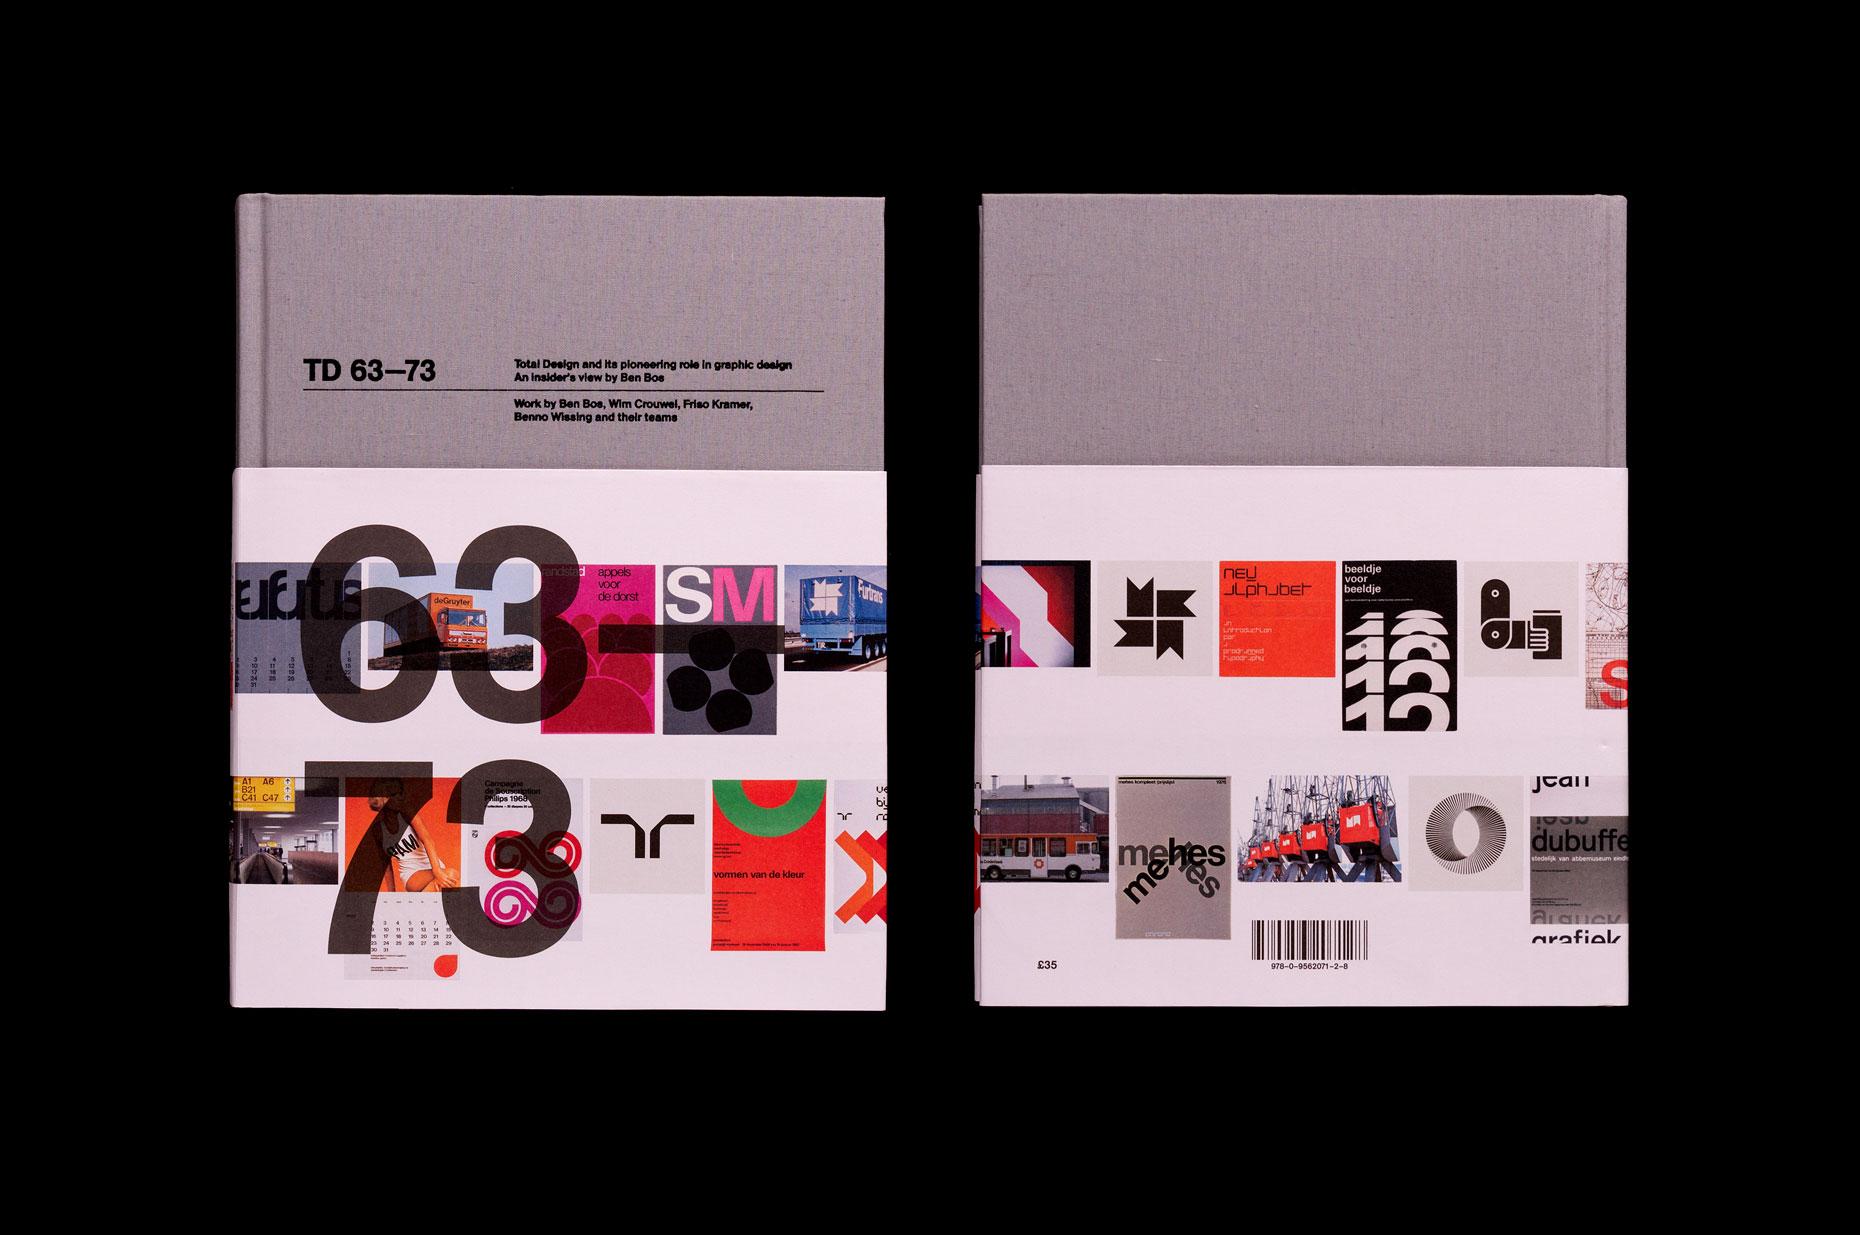 3x2_BOOK_TD_COVERS.jpg